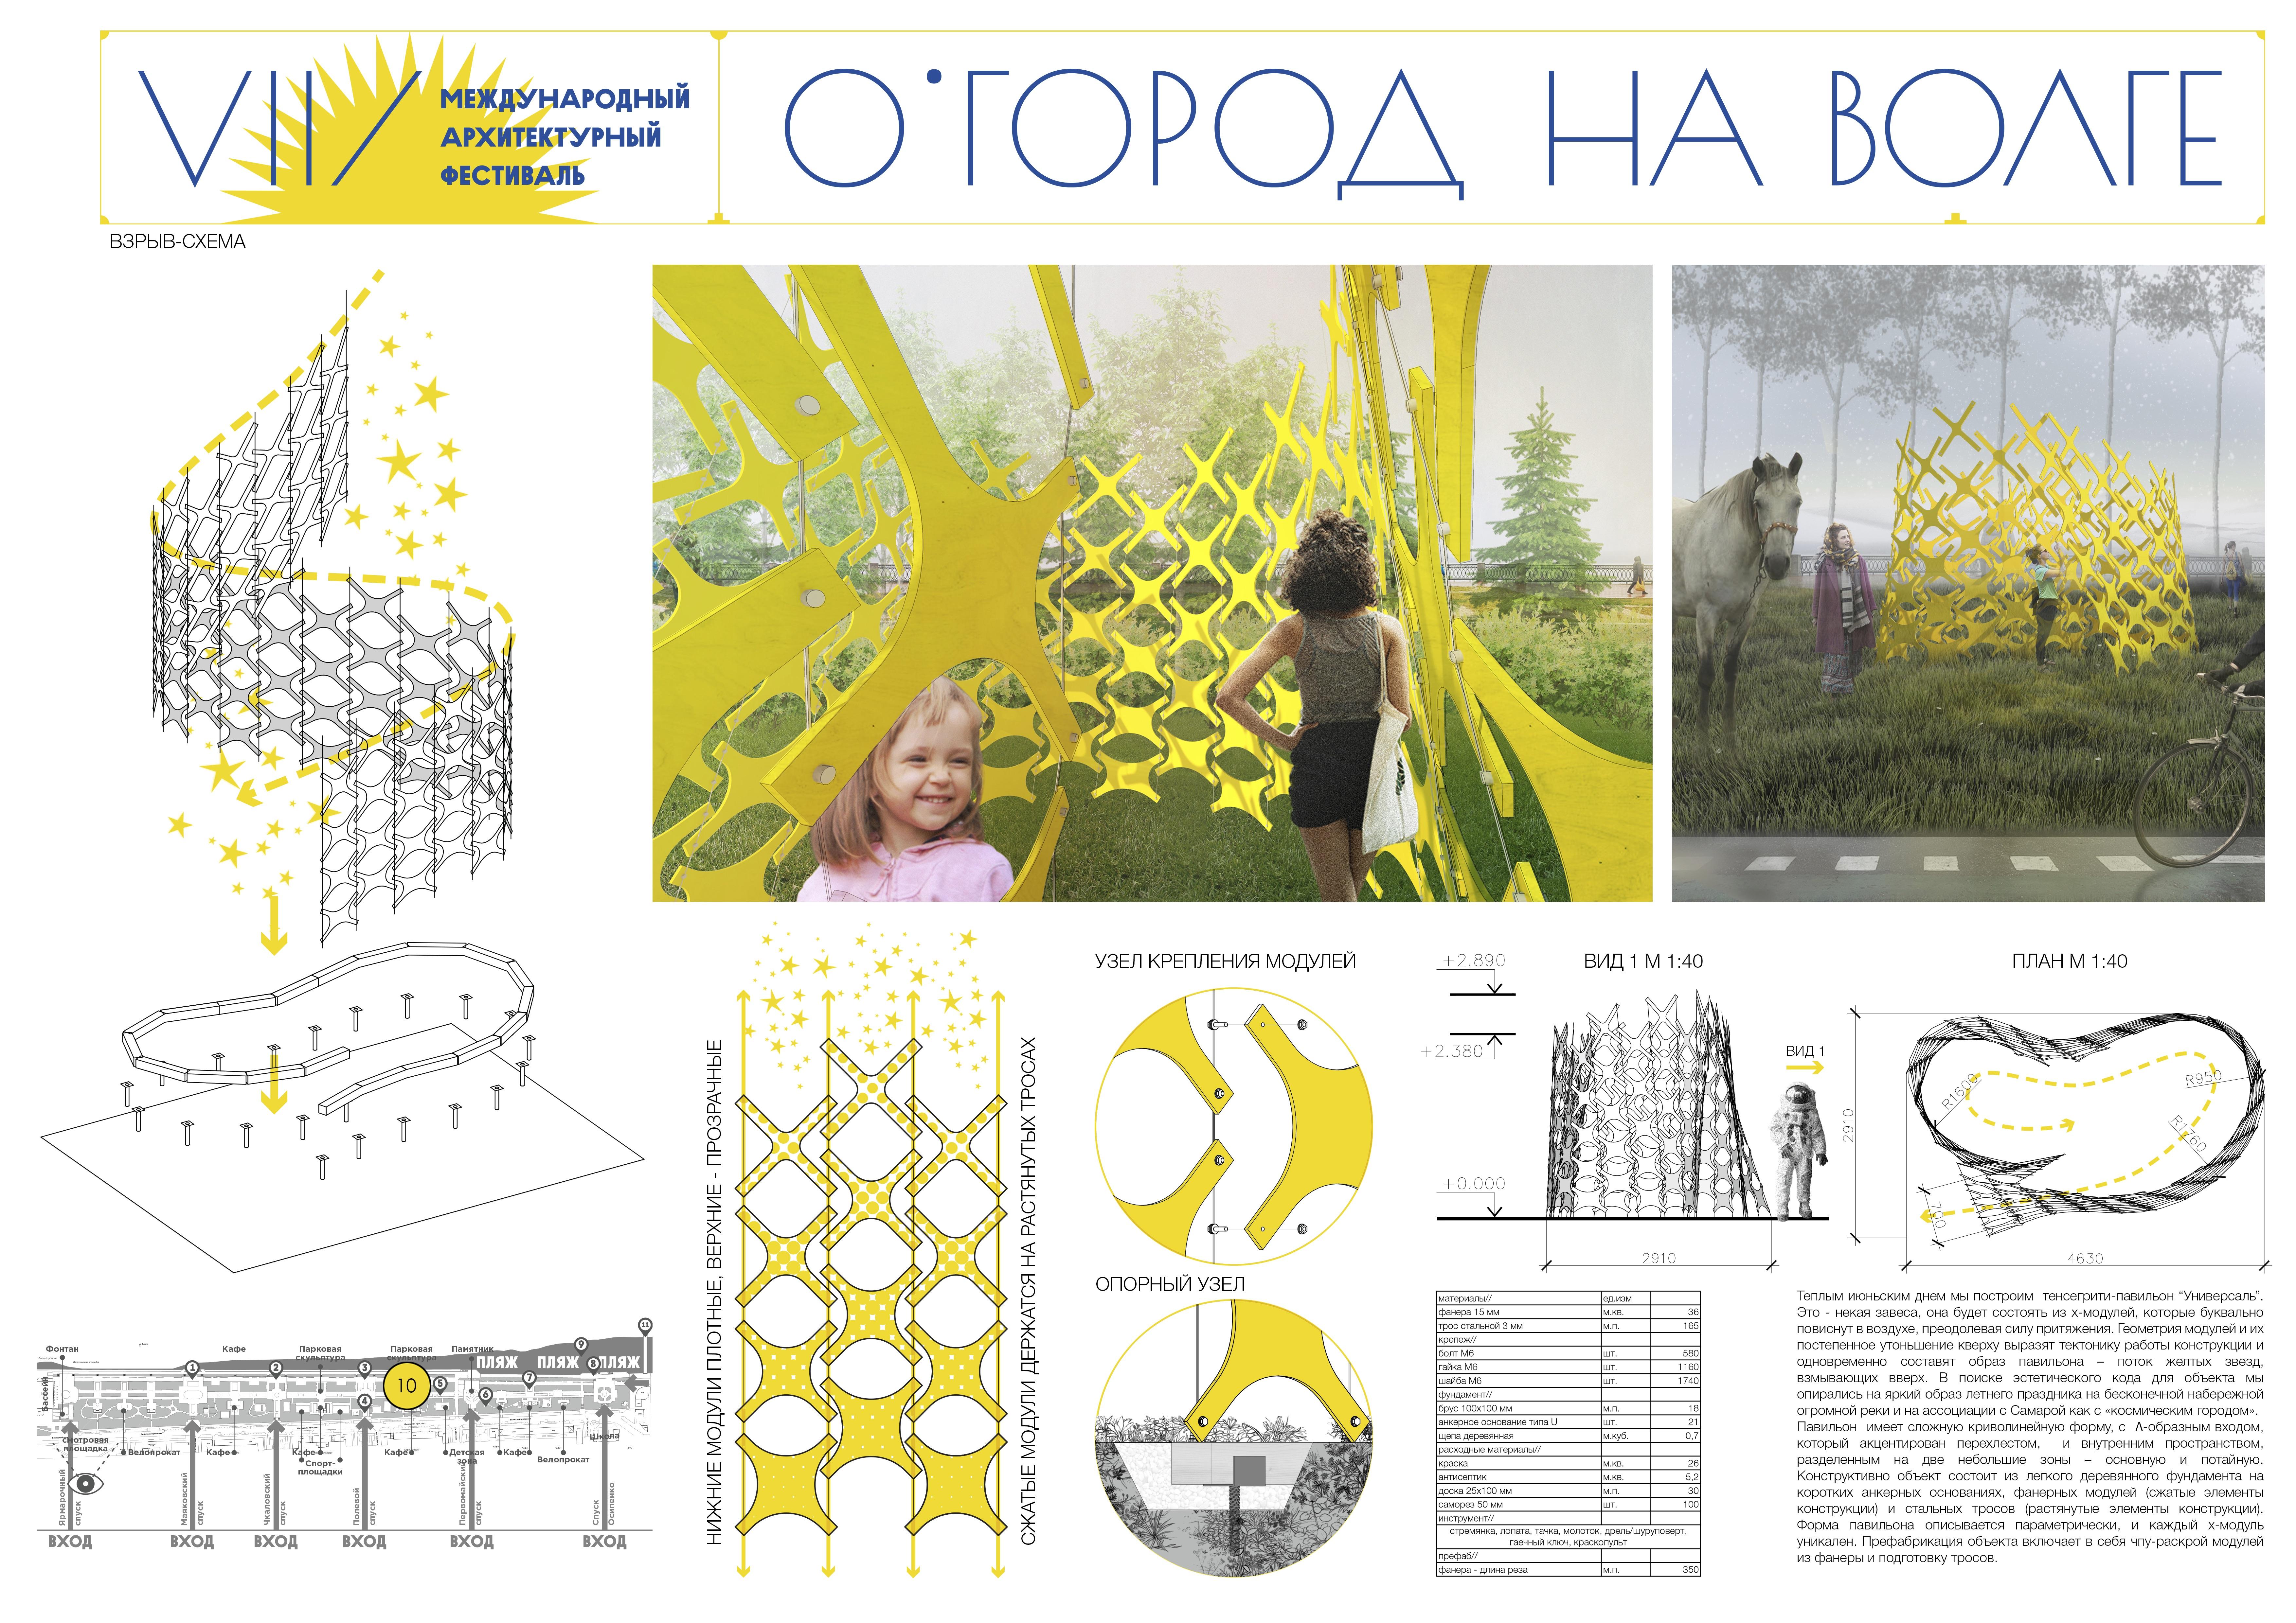 ОВ_30 - Конкурсный проект